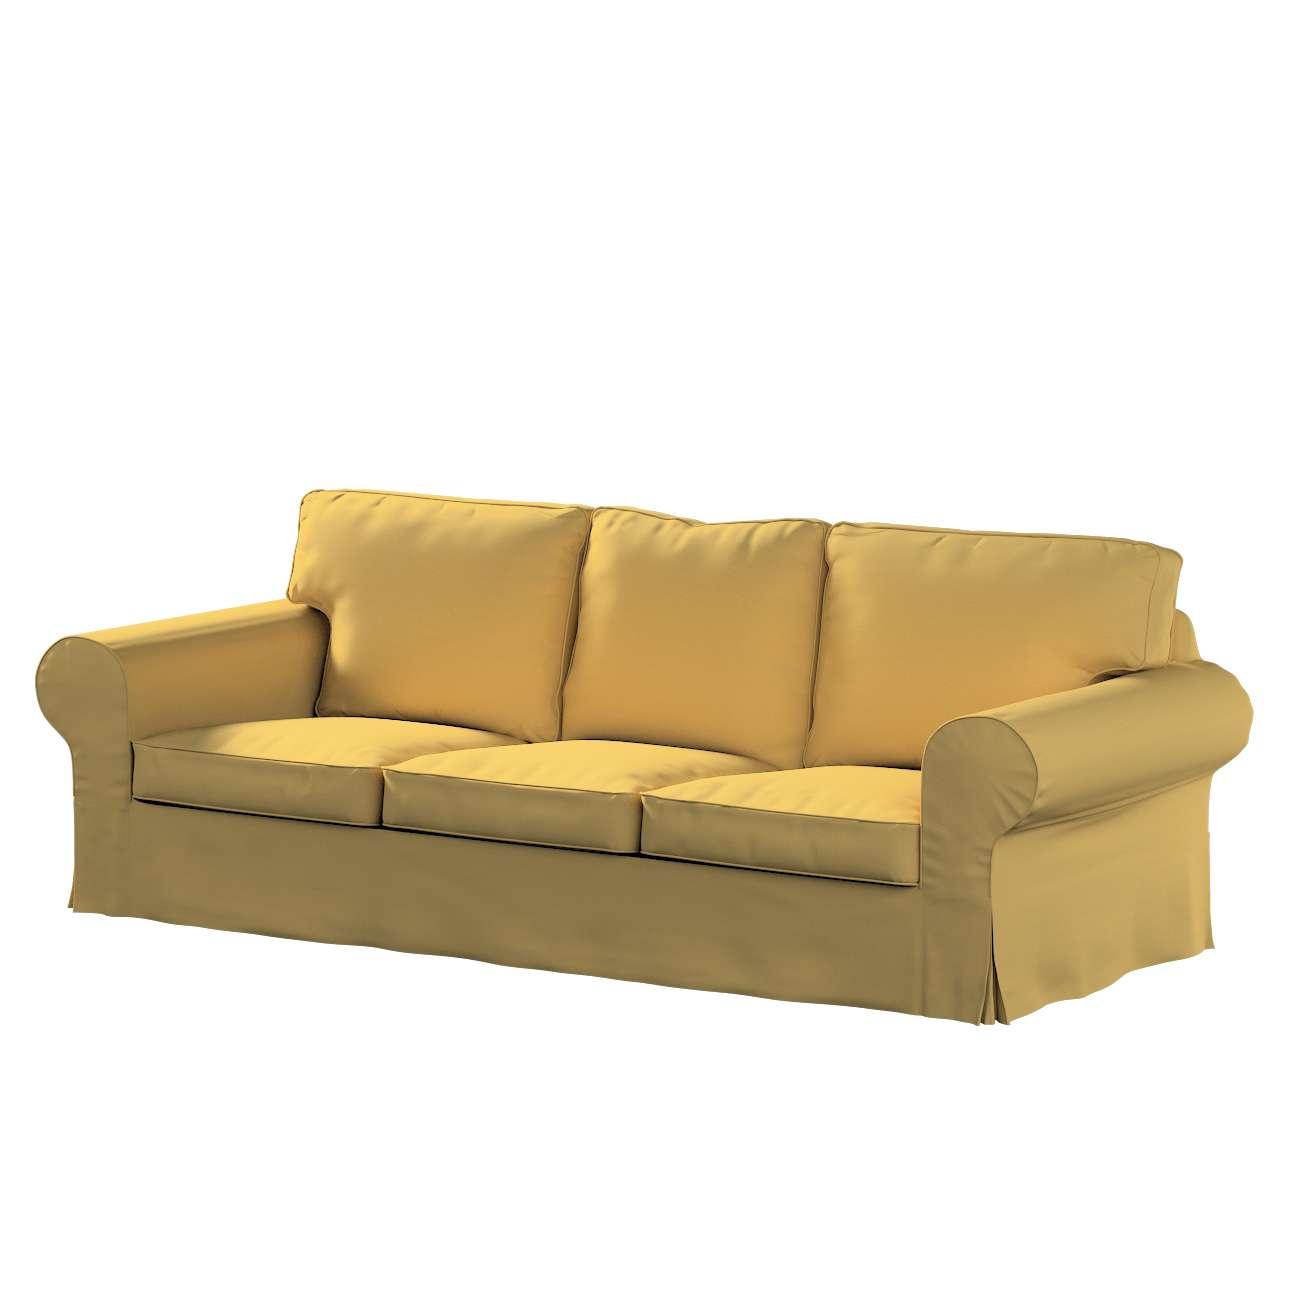 Pokrowiec na sofę Ektorp 3-osobową, nierozkładaną w kolekcji Cotton Panama, tkanina: 702-41